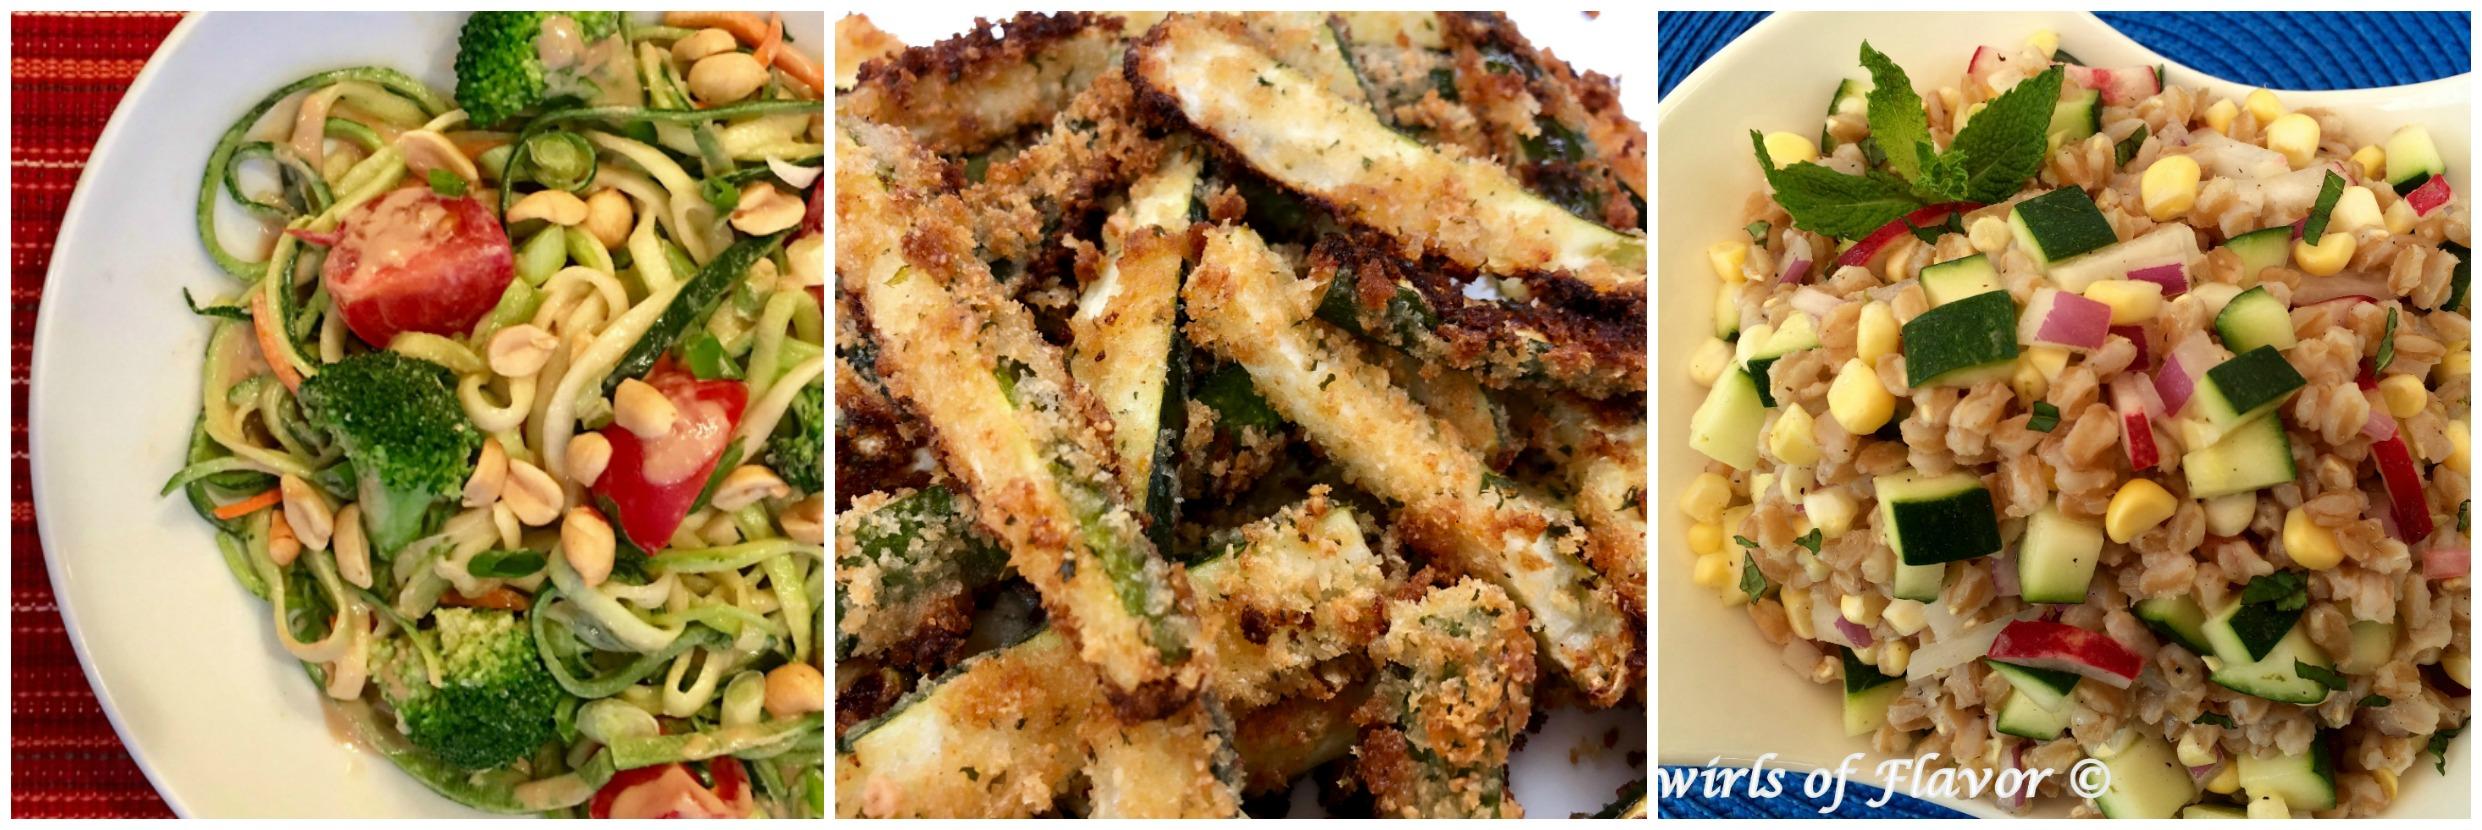 Left to Right: Zucchini Noodles; Zucchini Fries; Zucchini Farro Salad